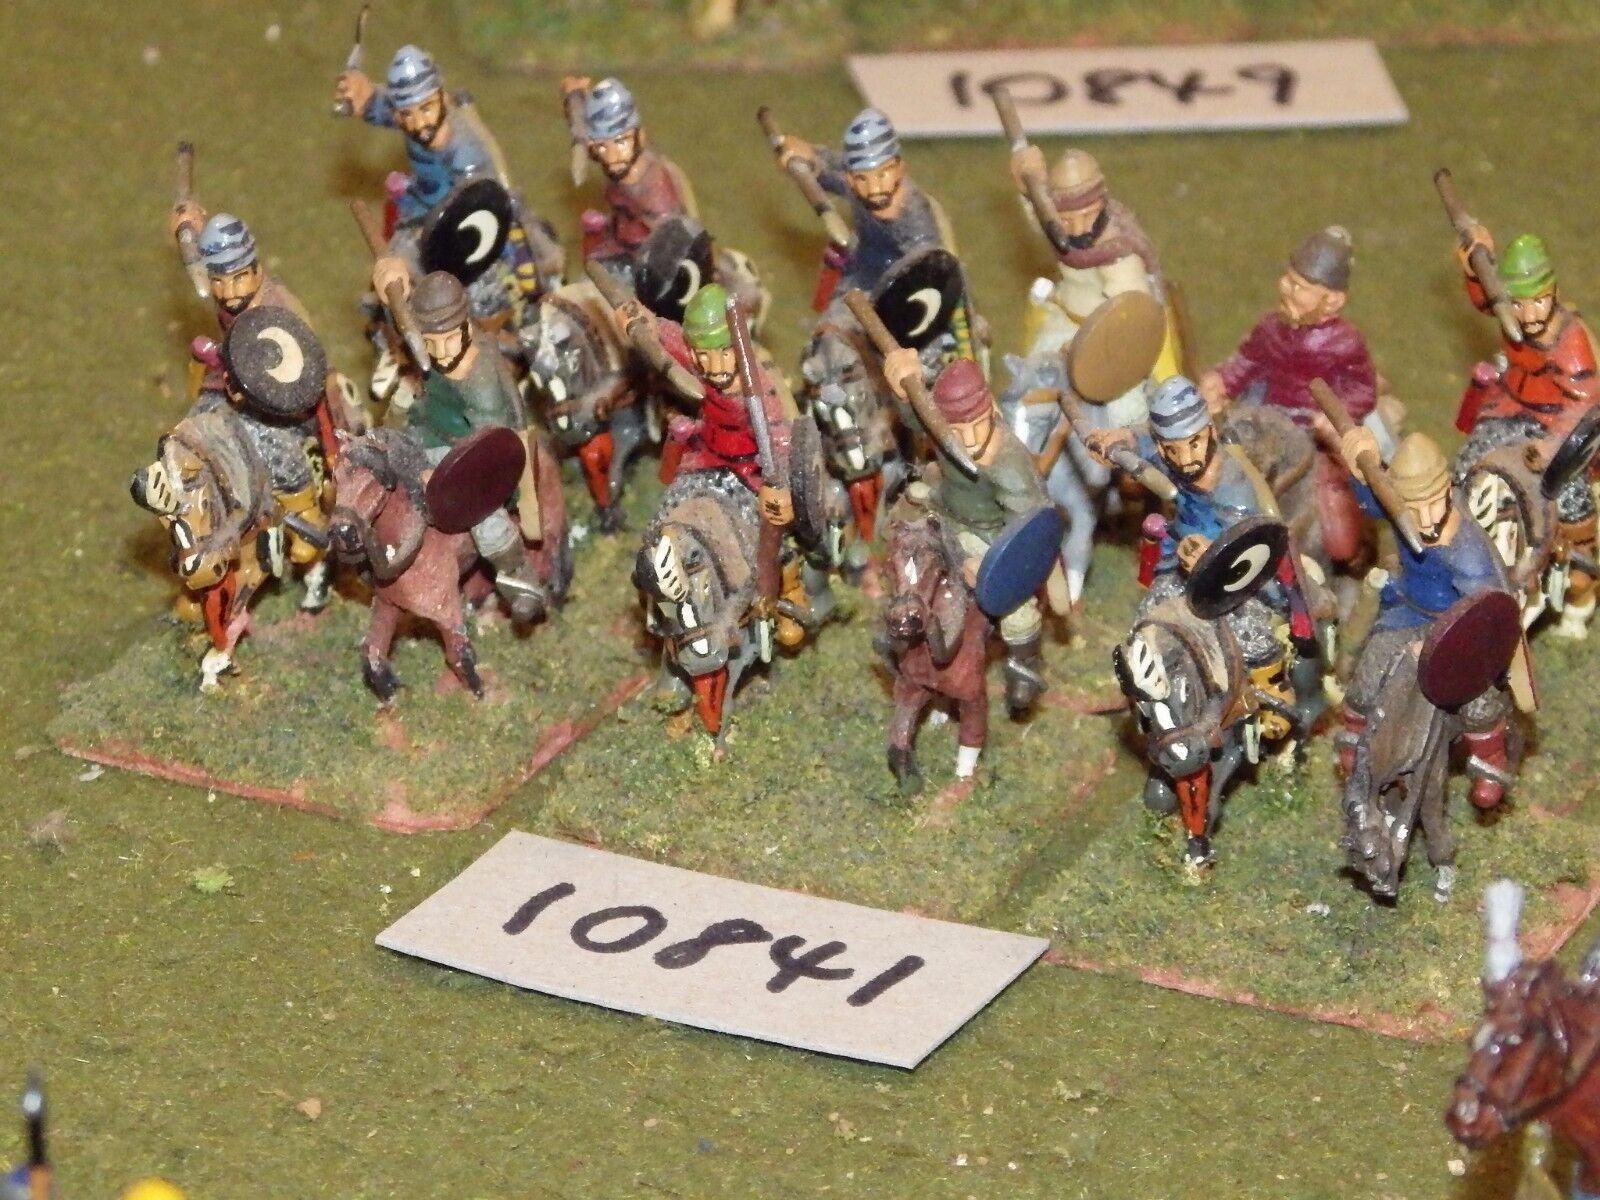 25mm mittelalter   hun - kavallerie 12 kavallerie - cav (10841)